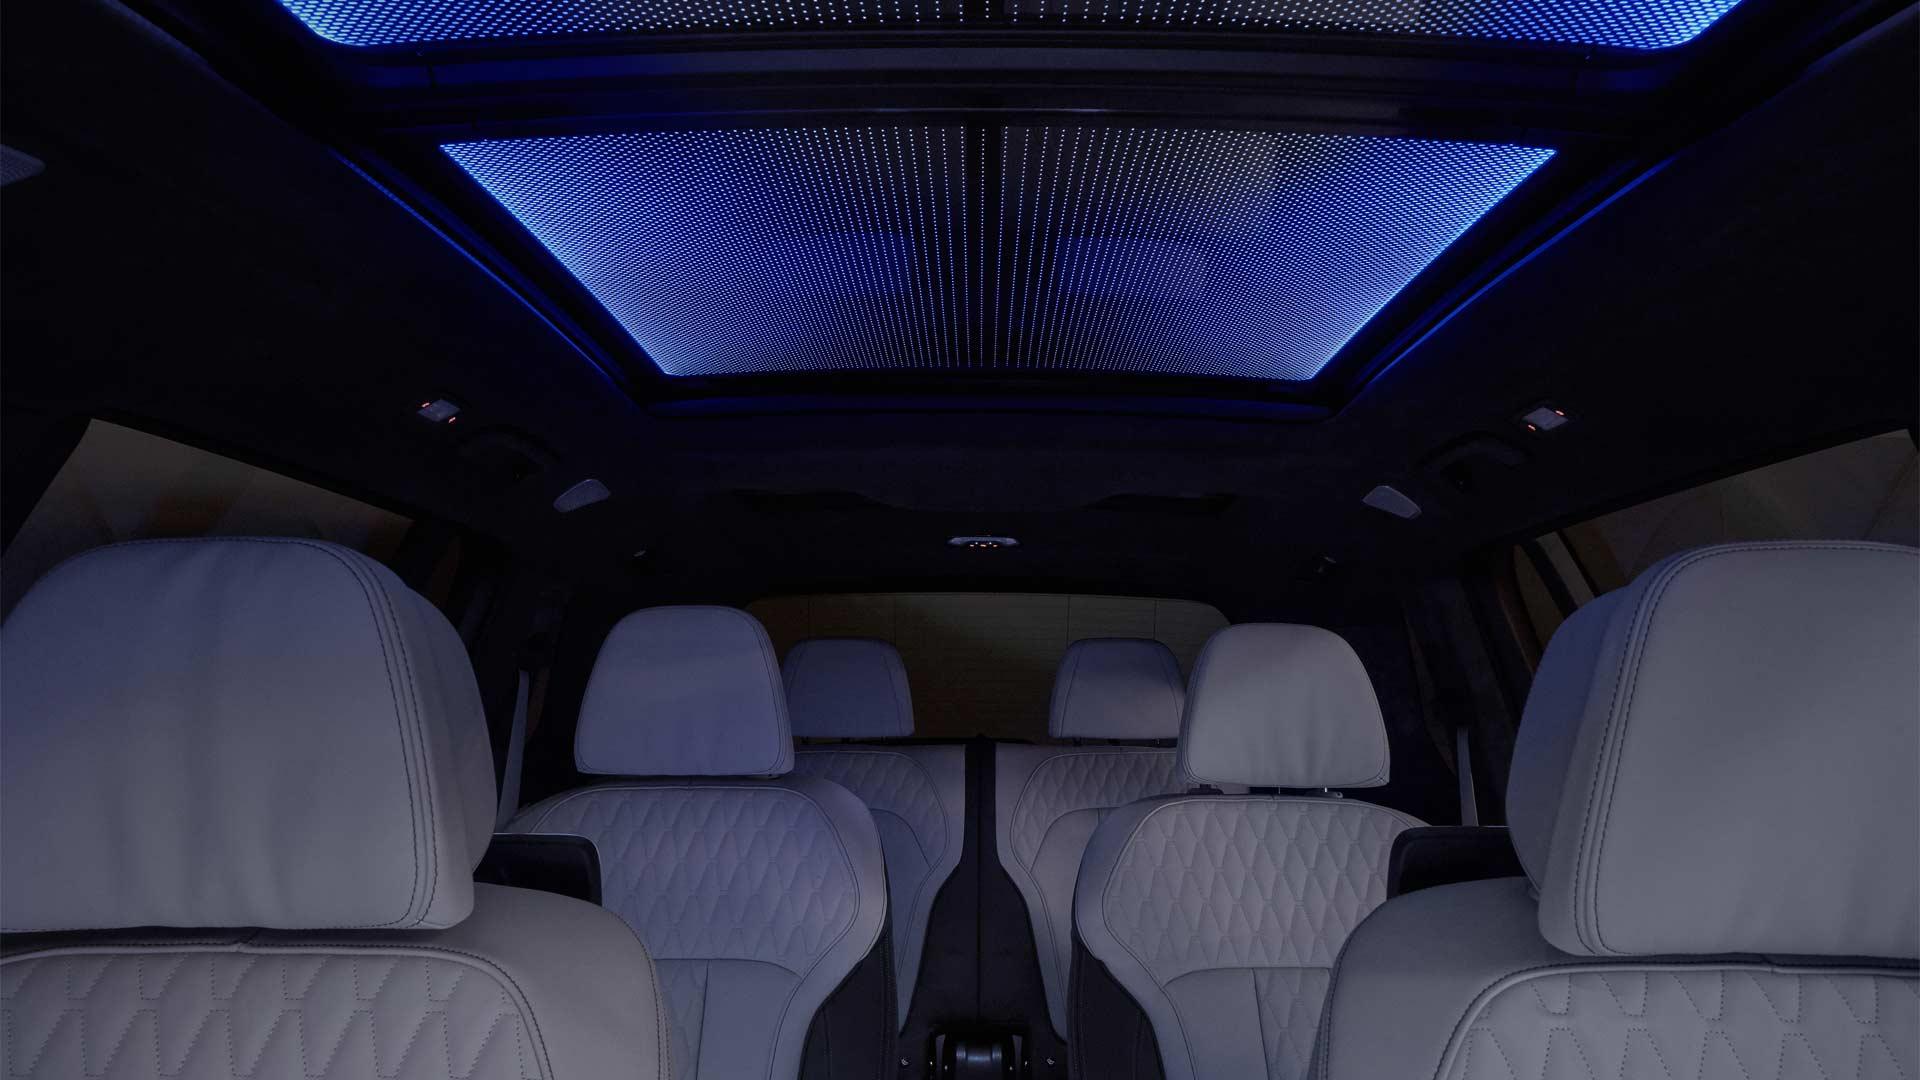 X7-le-nouveau-SUV-XXL-de-BMW-7.jpg